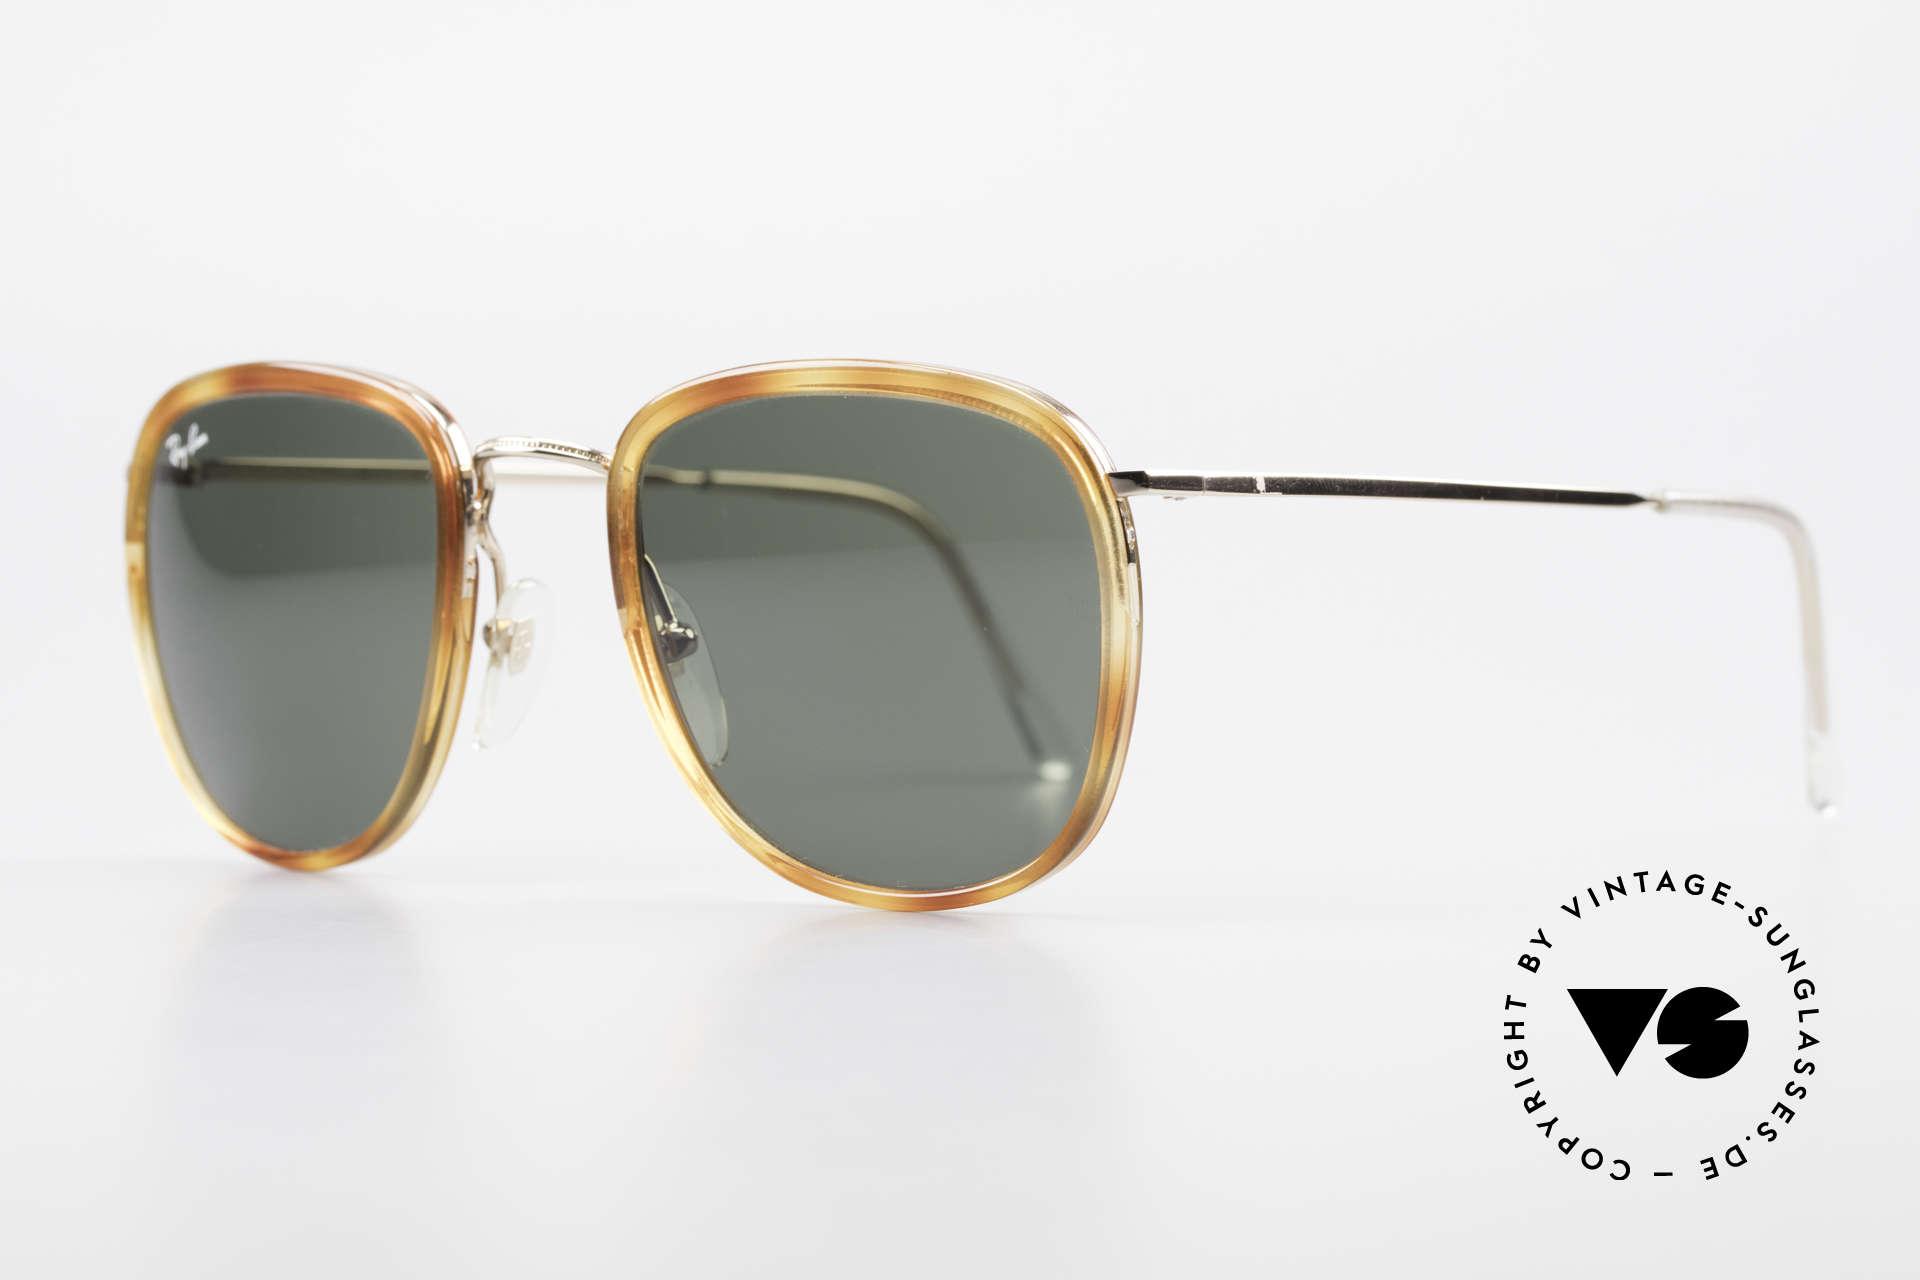 Ray Ban New Style Bausch & Lomb Italy Hybrid, sämtliche Komponenten von B&L (USA) produziert, Passend für Herren und Damen